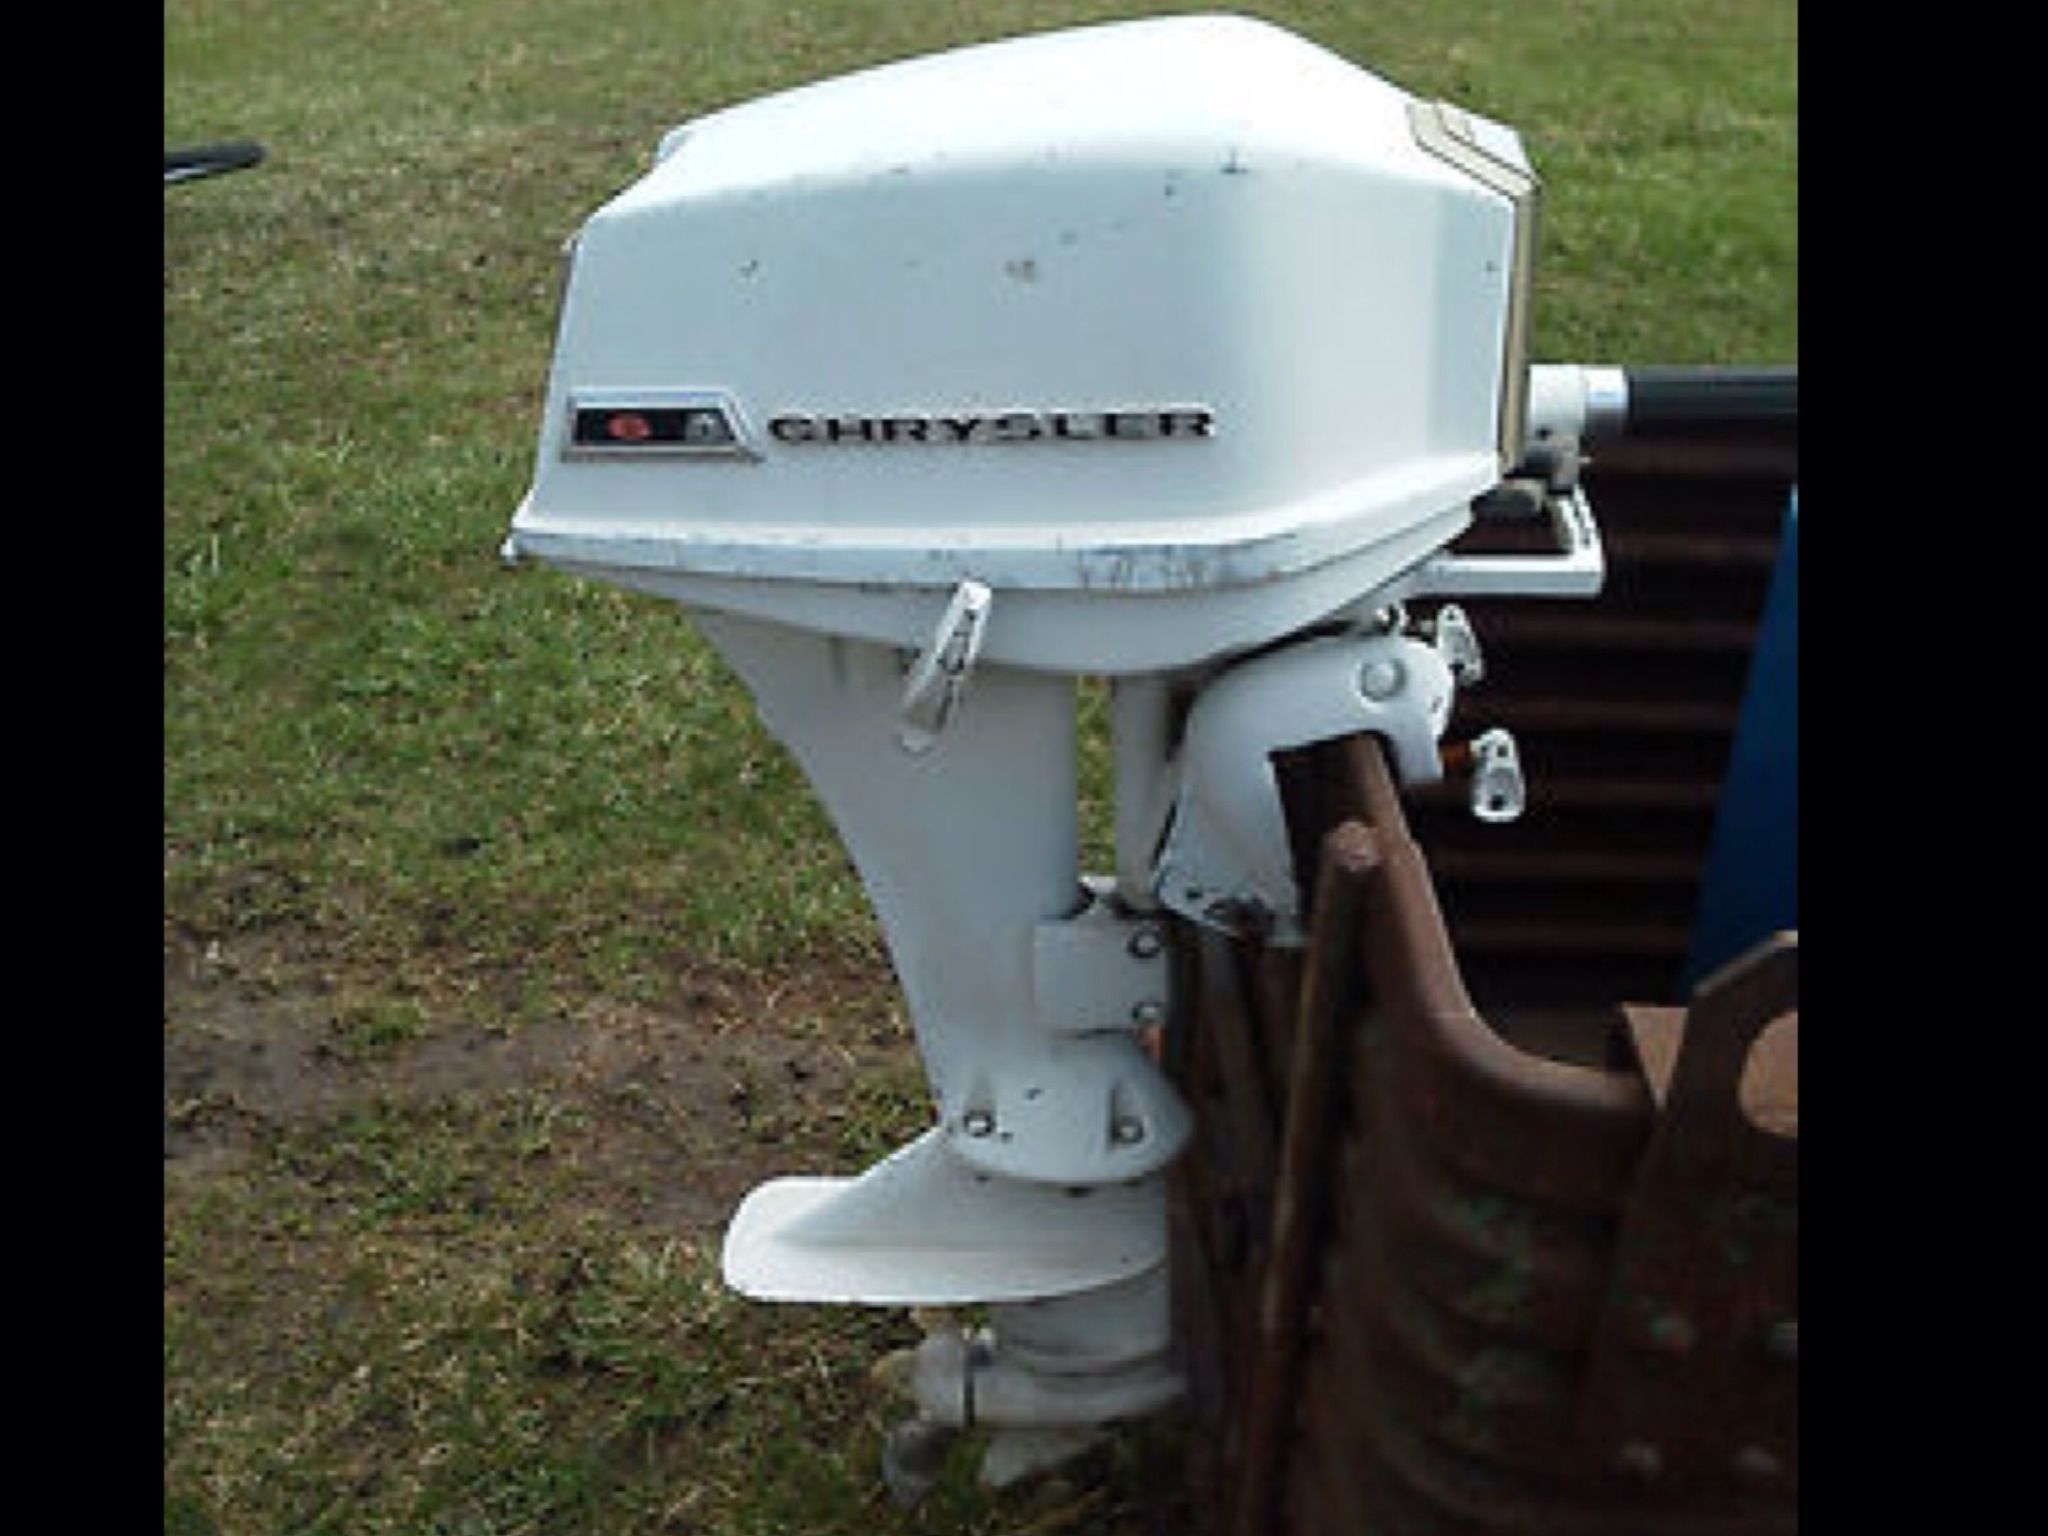 Chrysler Outboard Motor Outboard Outboard Motors Outboard Boat Motors